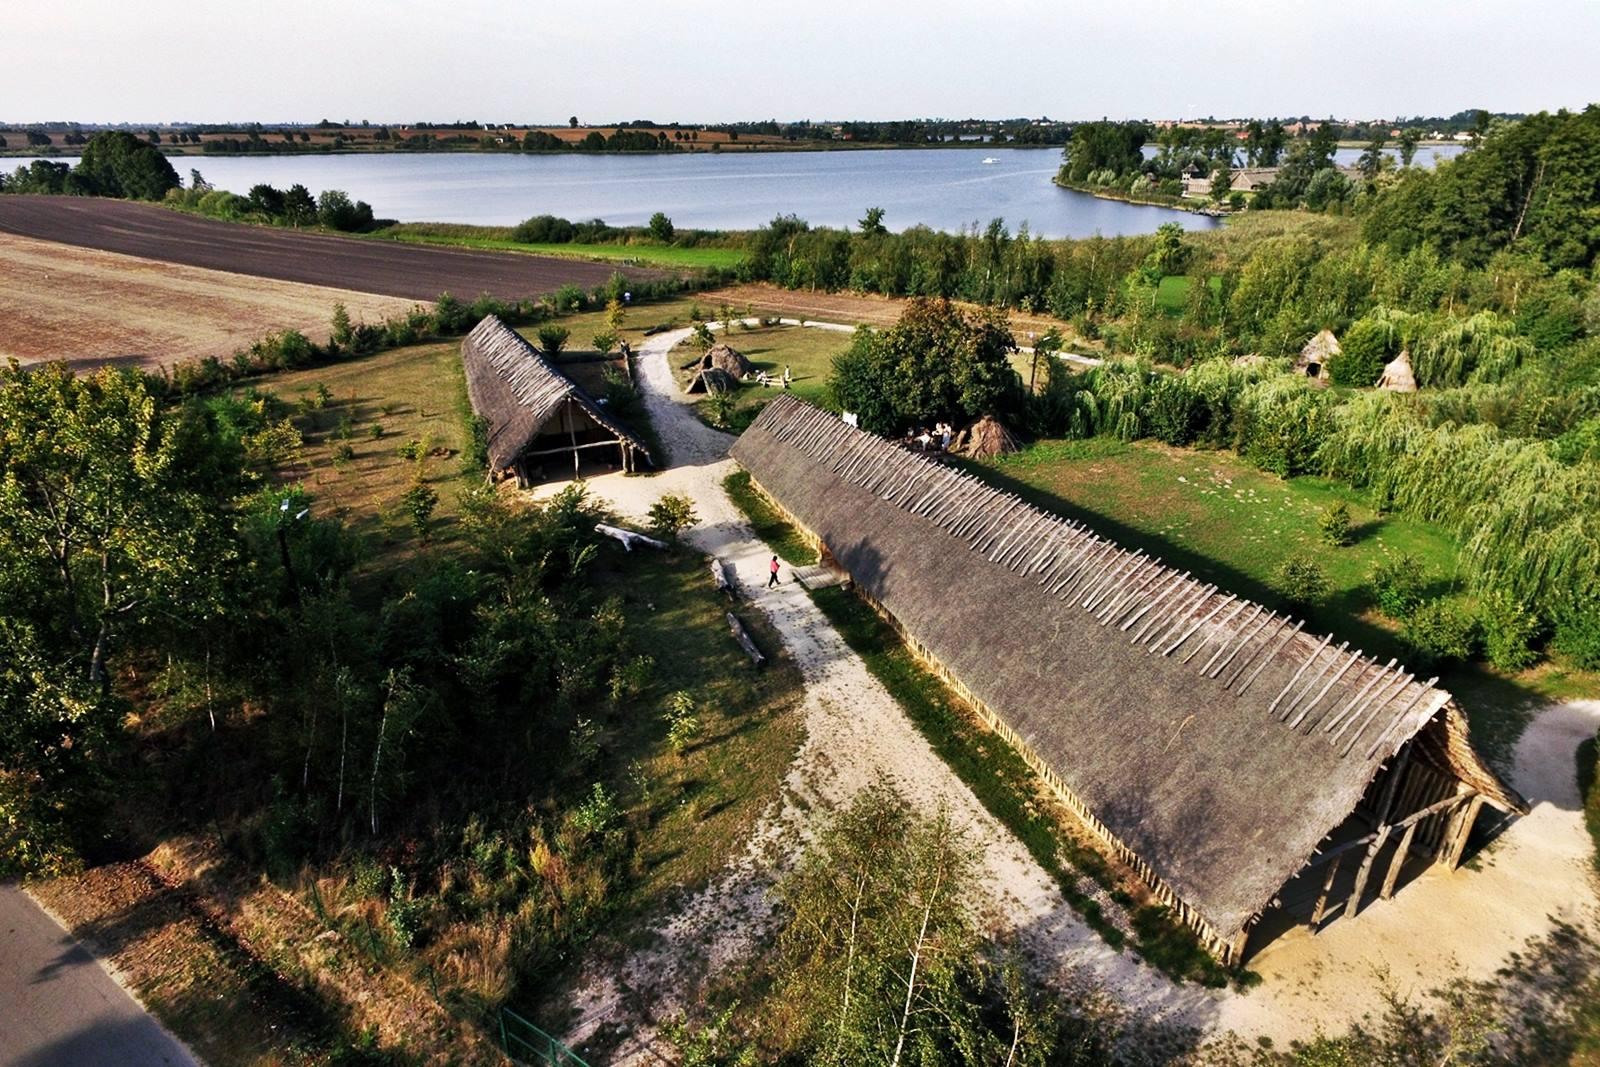 Rezerwat archeologiczny – Muzeum Archeologiczne w Biskupinie